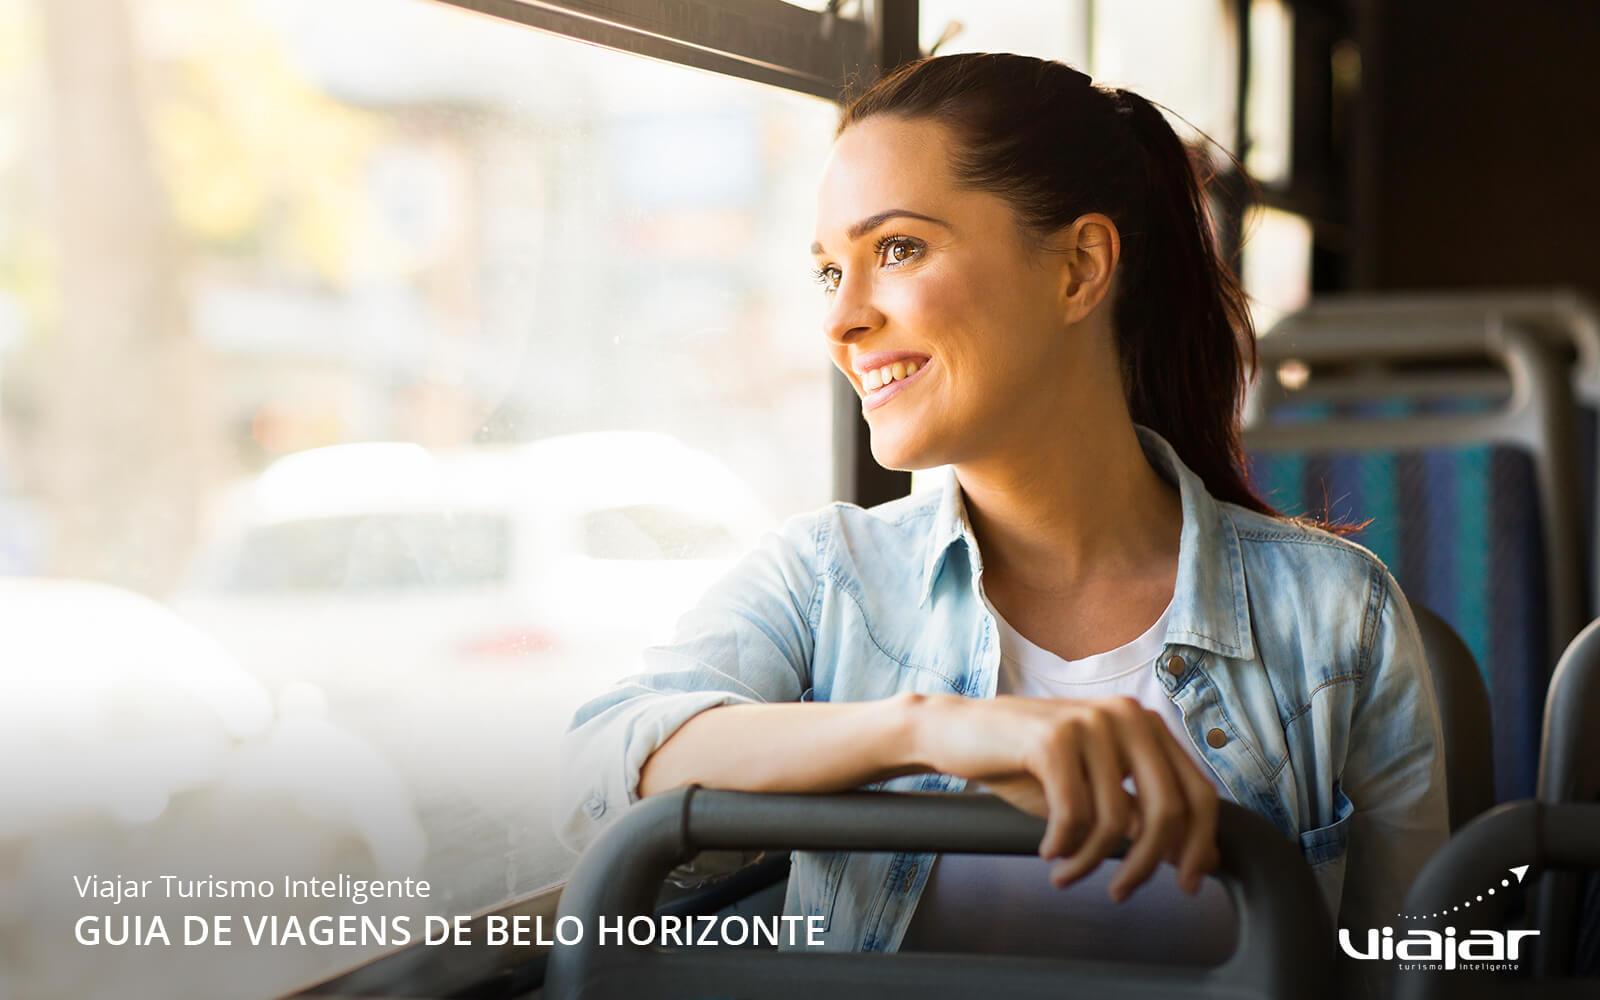 viajar-turismo-inteligente-guia-viagens-belo-horizonte-minas-gerais-16